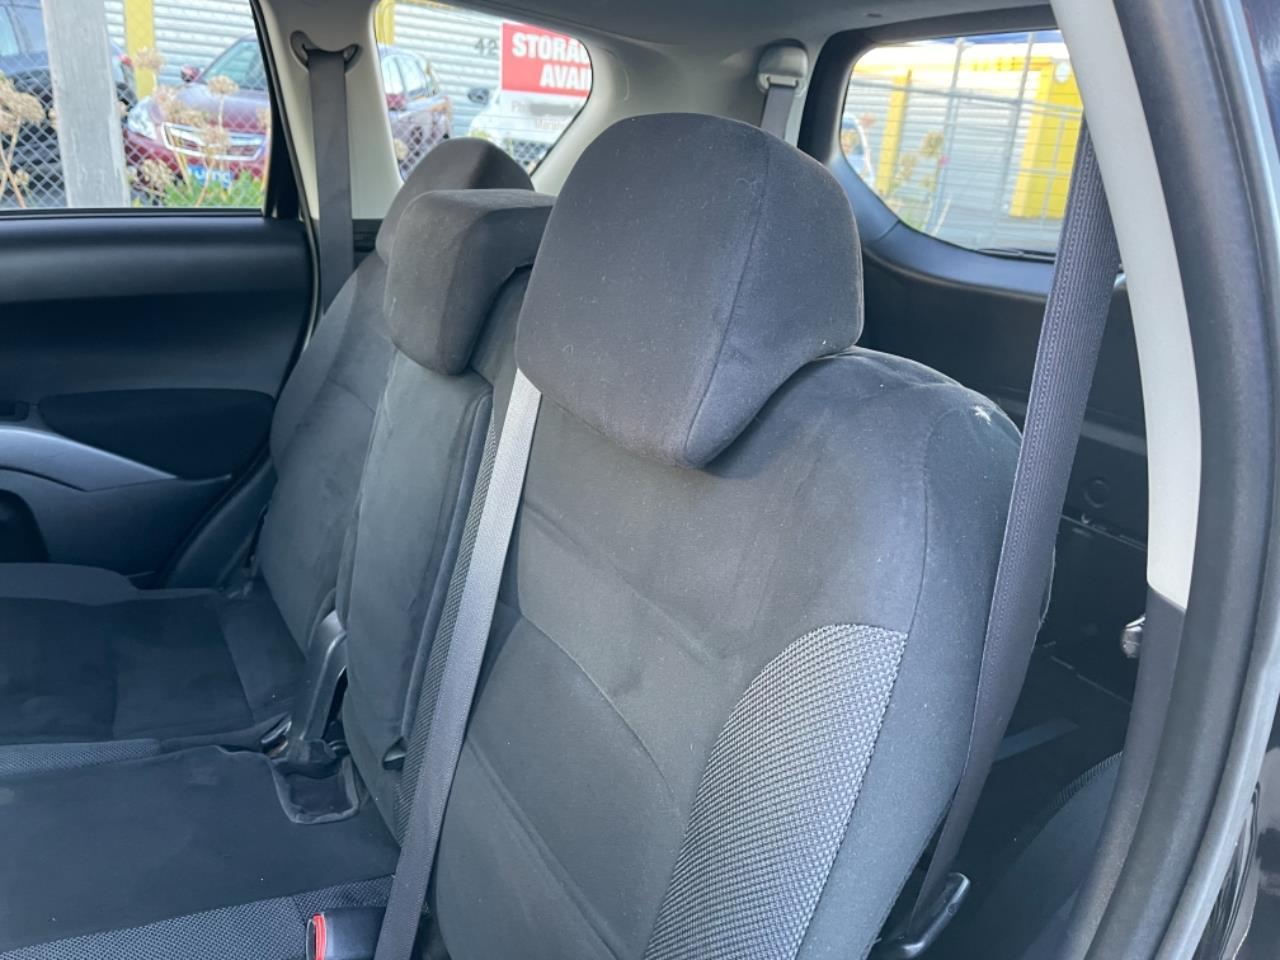 image-14, 2007 Mitsubishi Outlander 24G 4WD 7-Seater at Christchurch